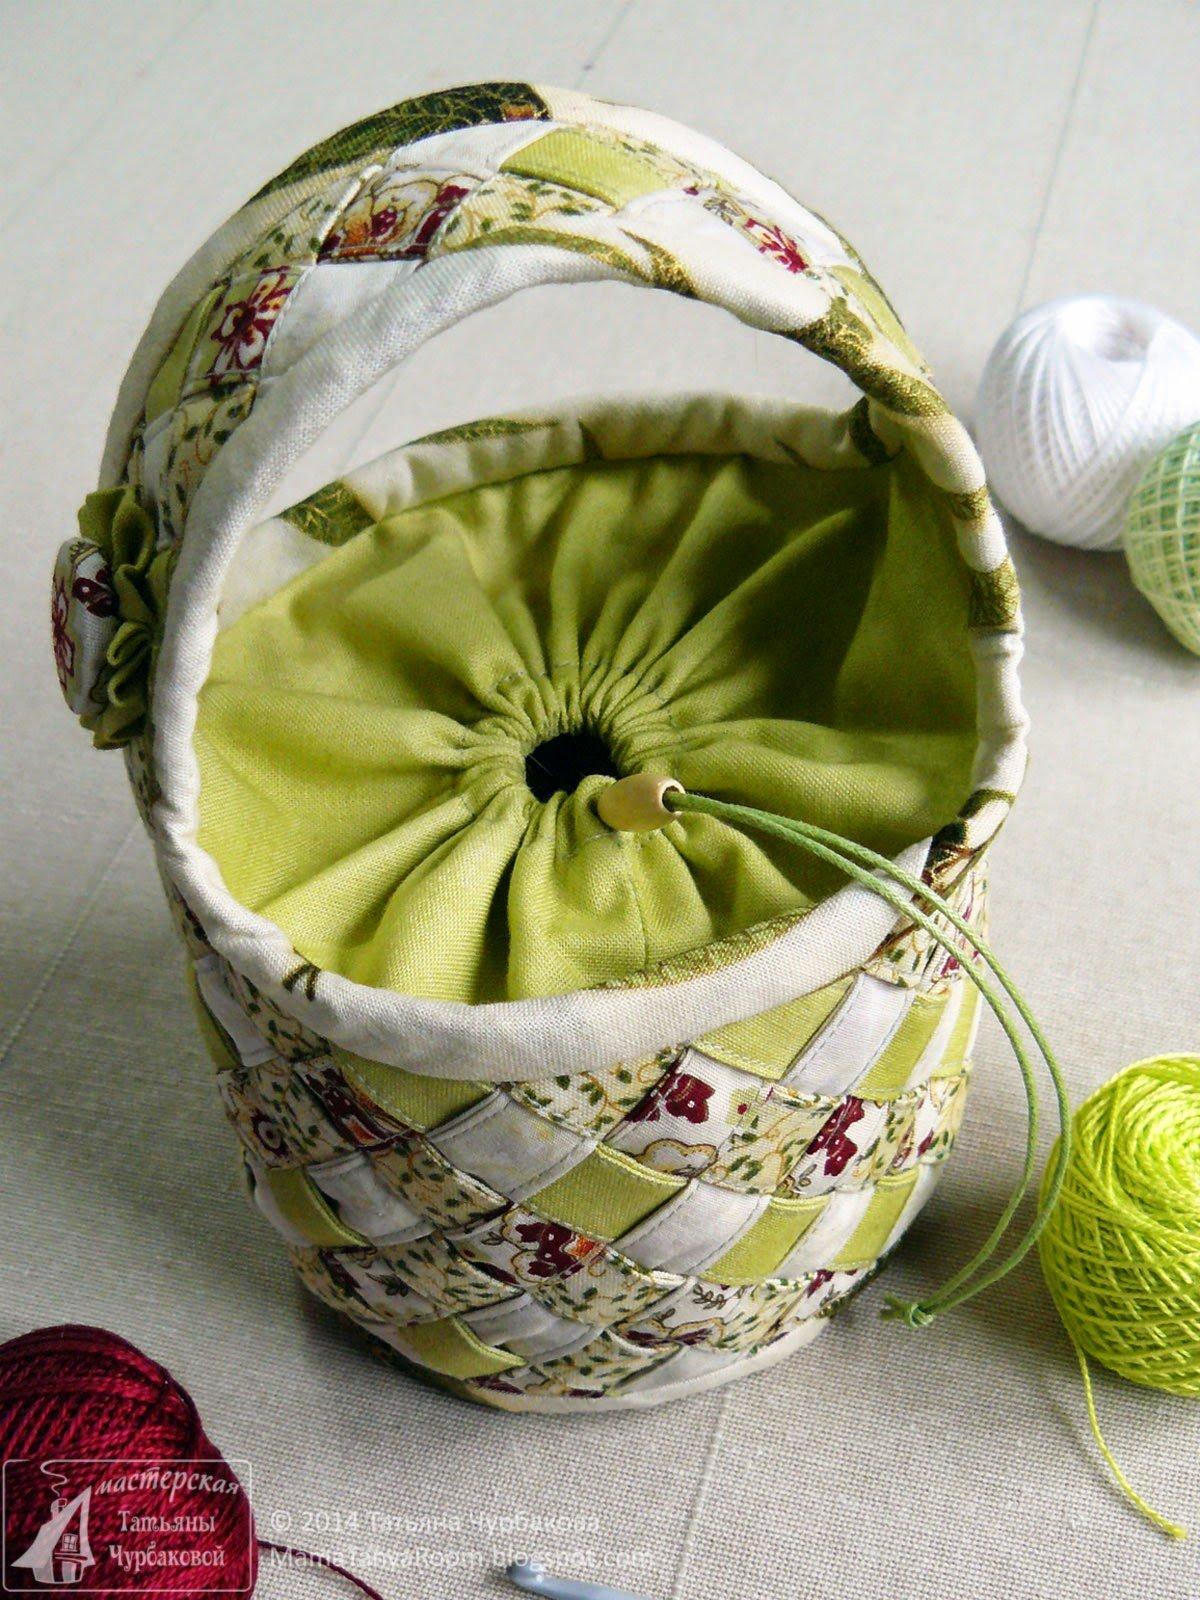 Корзина для рукоделия, шитья и вязания | westwing